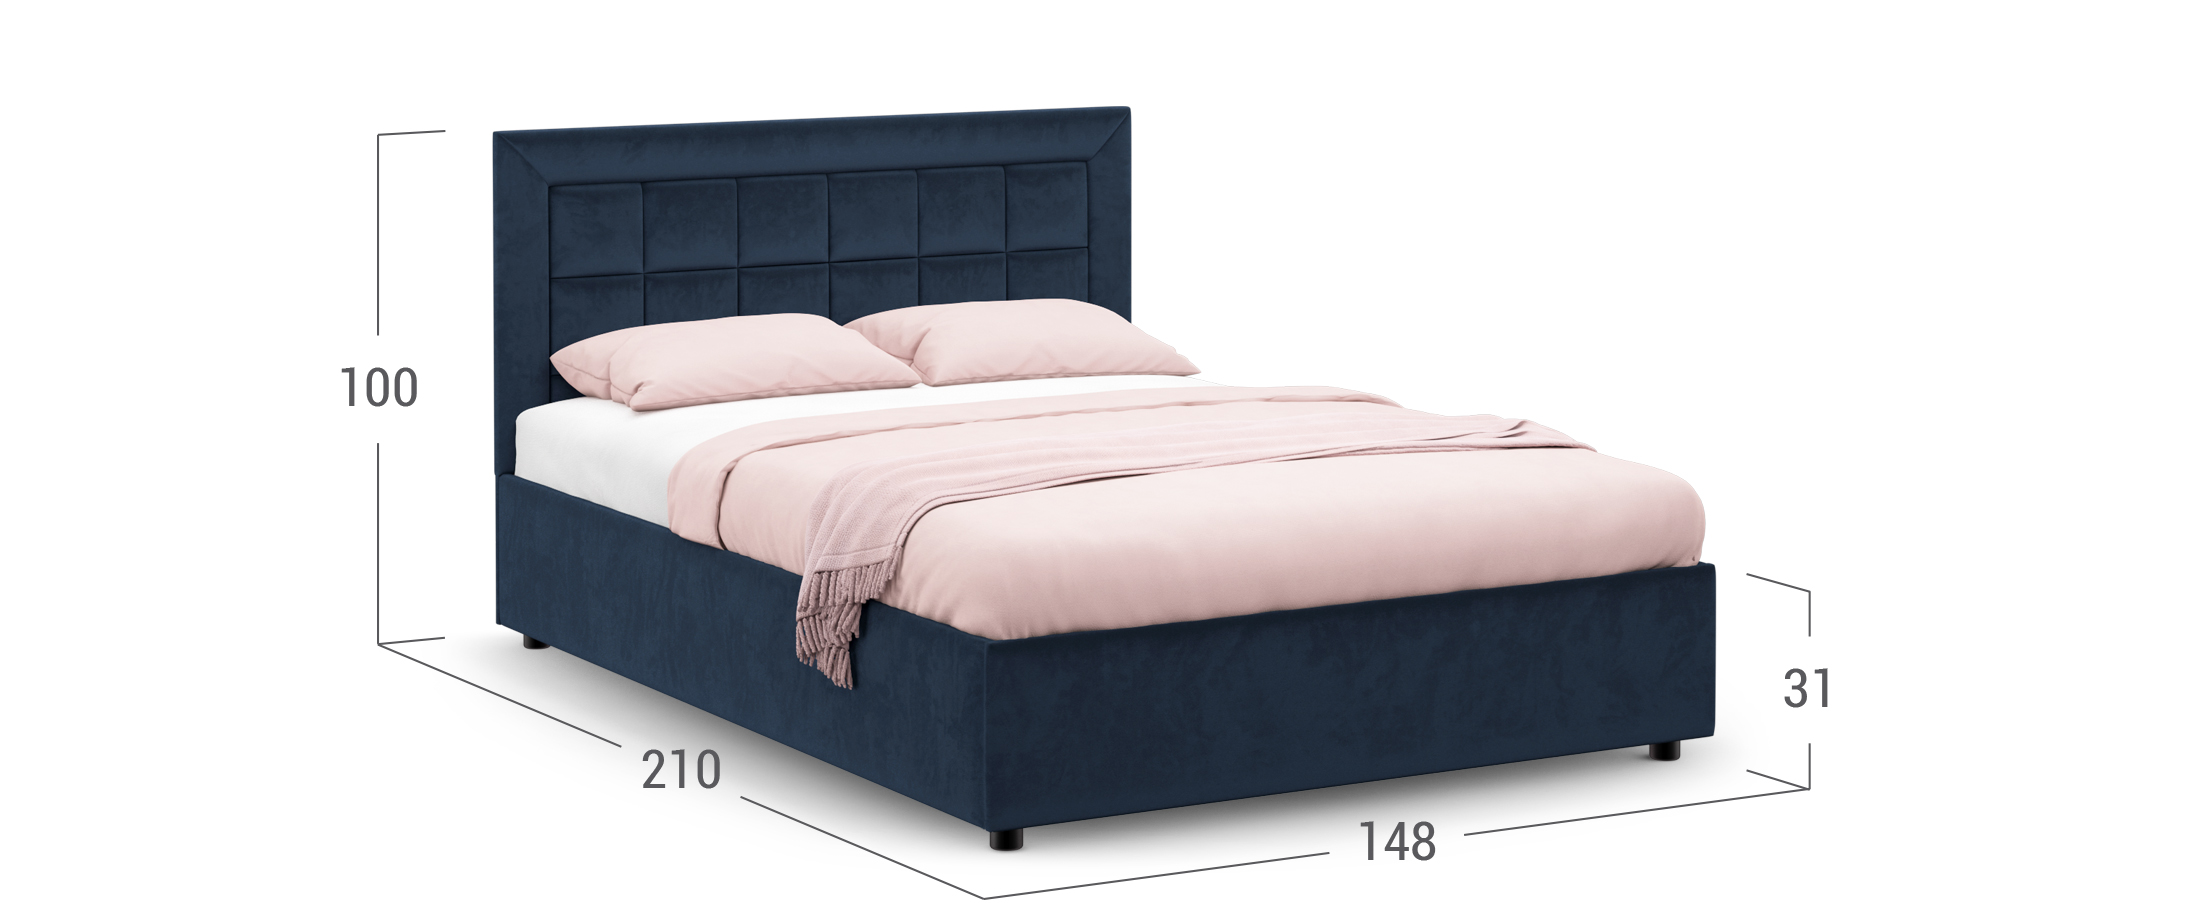 Кровать двуспальная Rion 140х200 Модель 1222